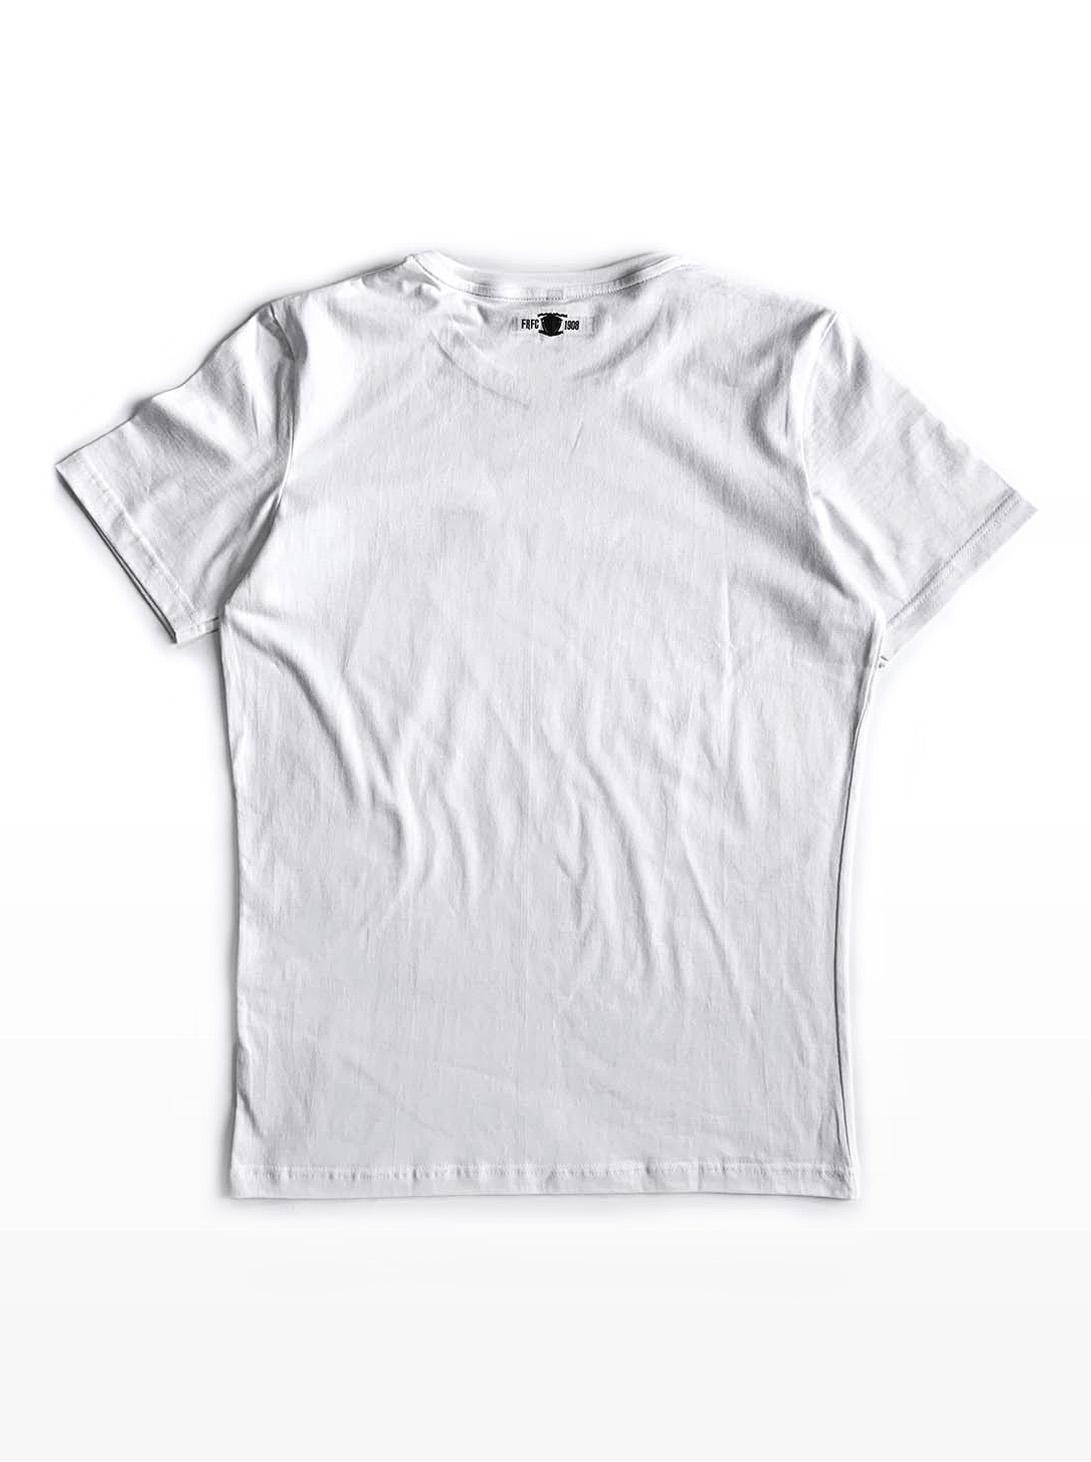 T-Shirt - Kruislogo Wit met Groen - Achterkant